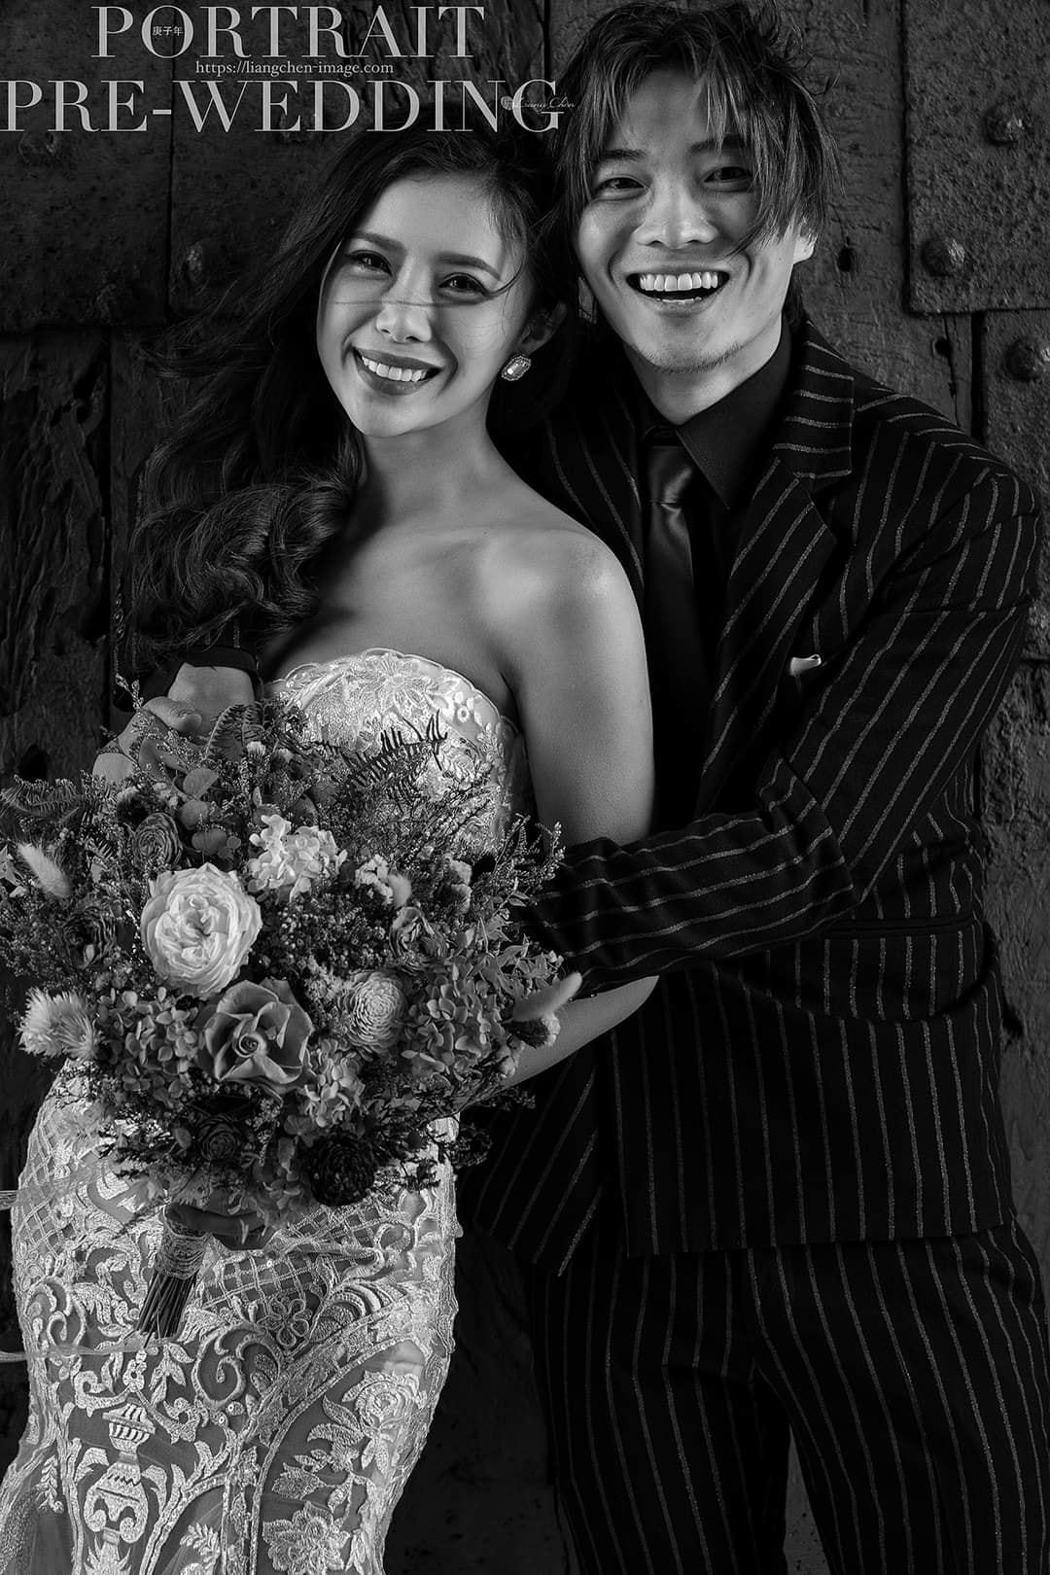 華視主播宋燕旻(左)和導演柯孟融婚紗照相當唯美。圖/摘自臉書